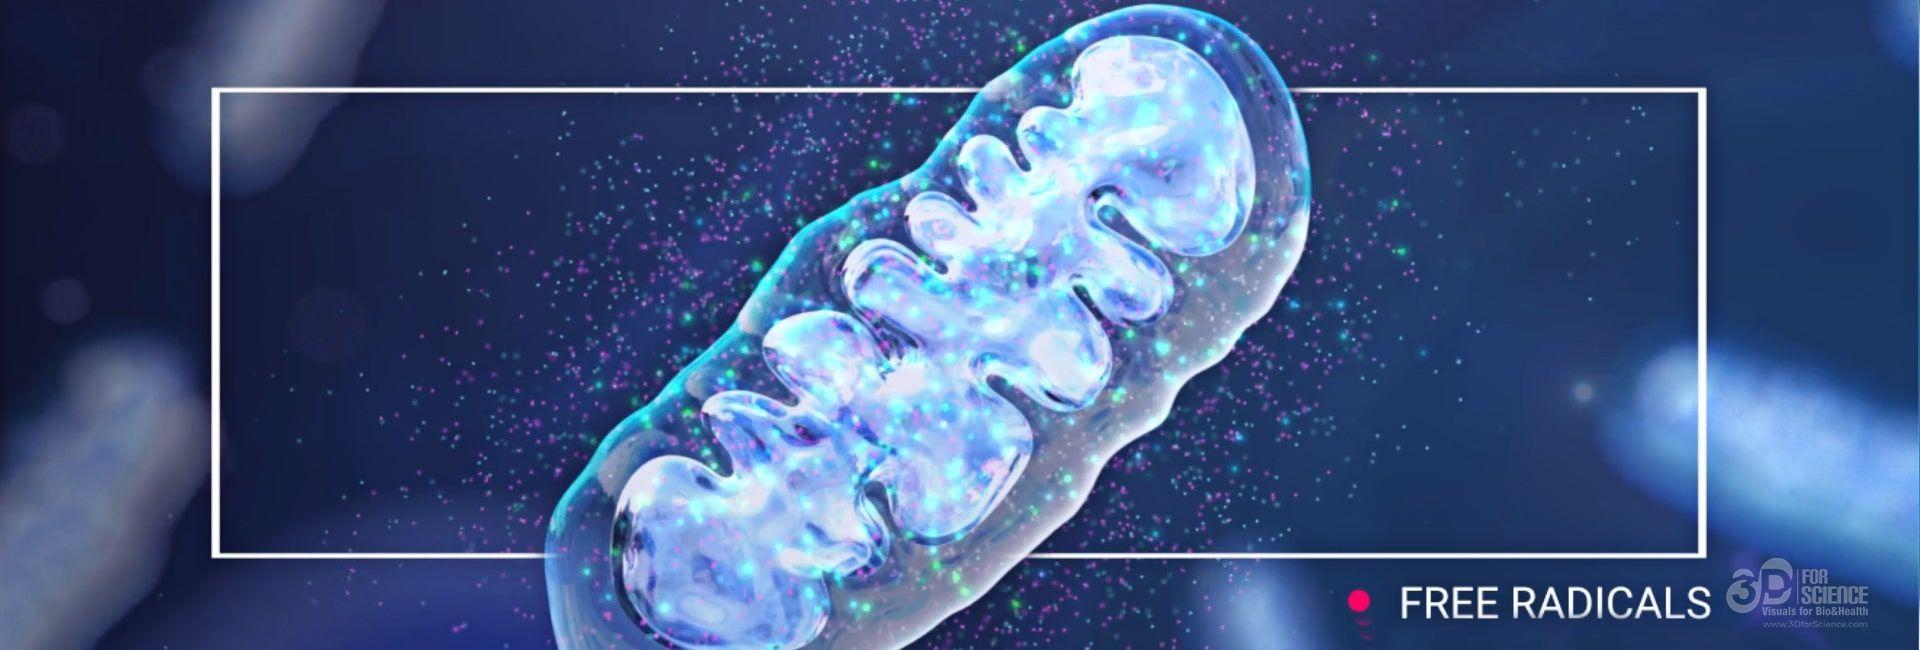 infinitec mitochondria treatment